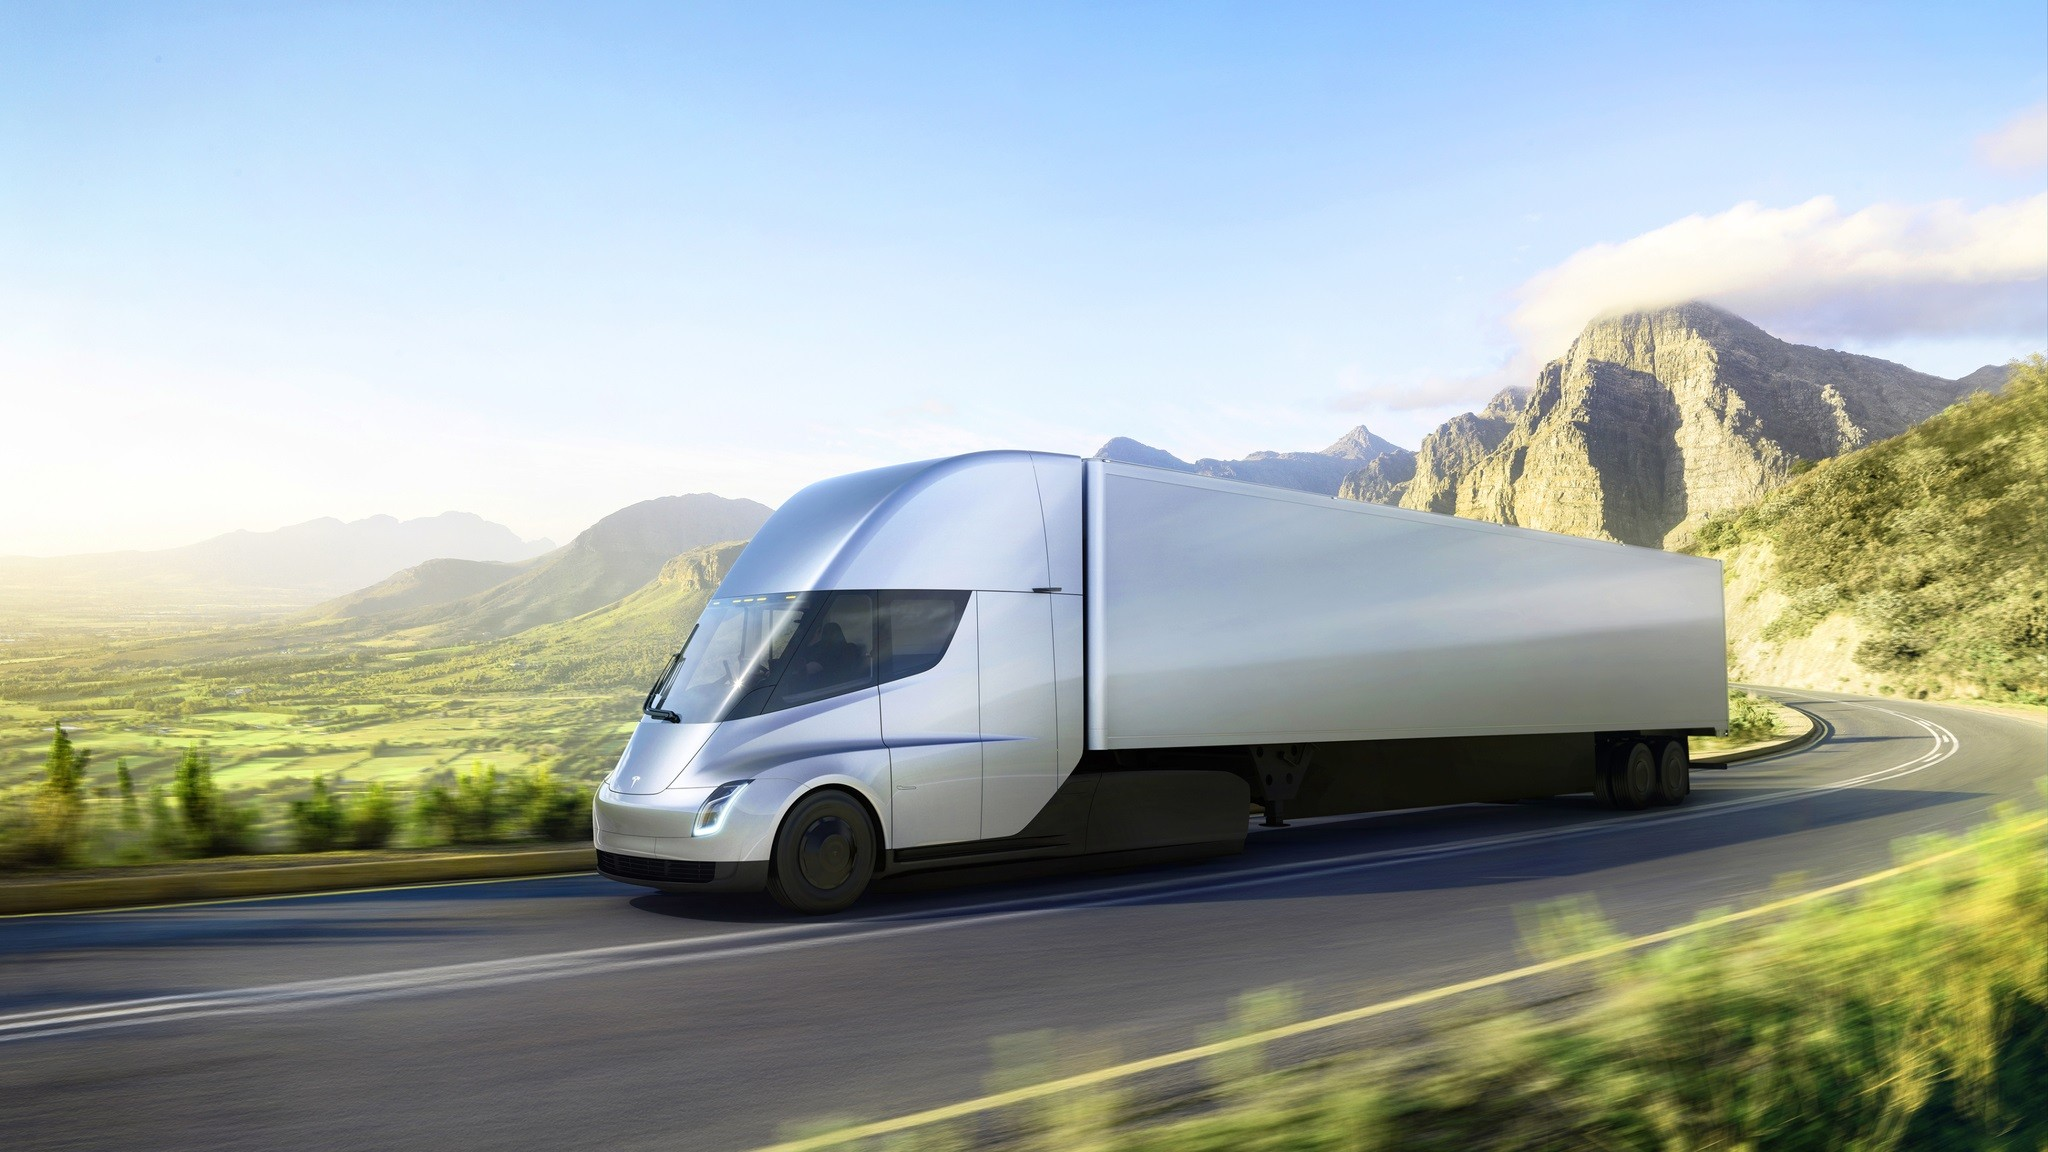 Арабская мусороперерабатывающая компания заказала 50 фургонов Tesla Semi